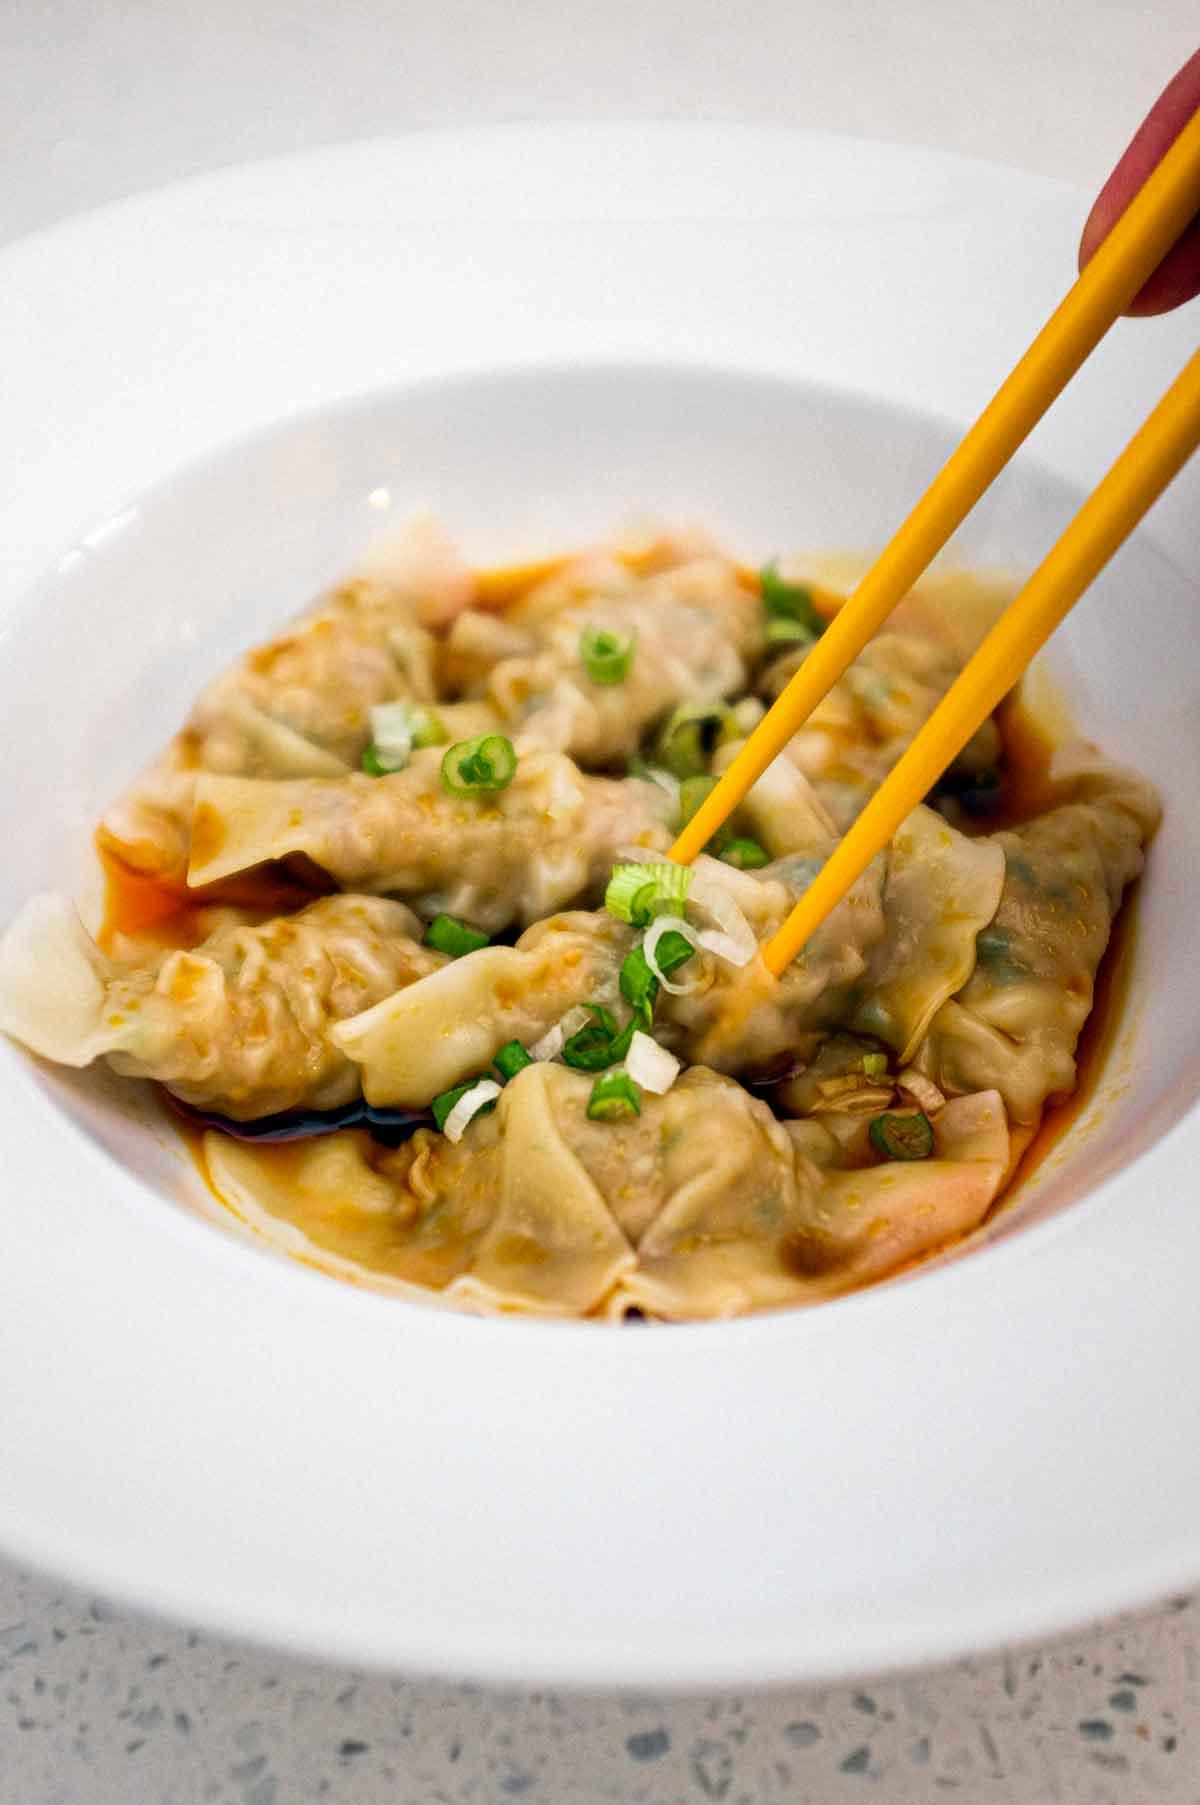 Chinese Chilli Oil Dumplings